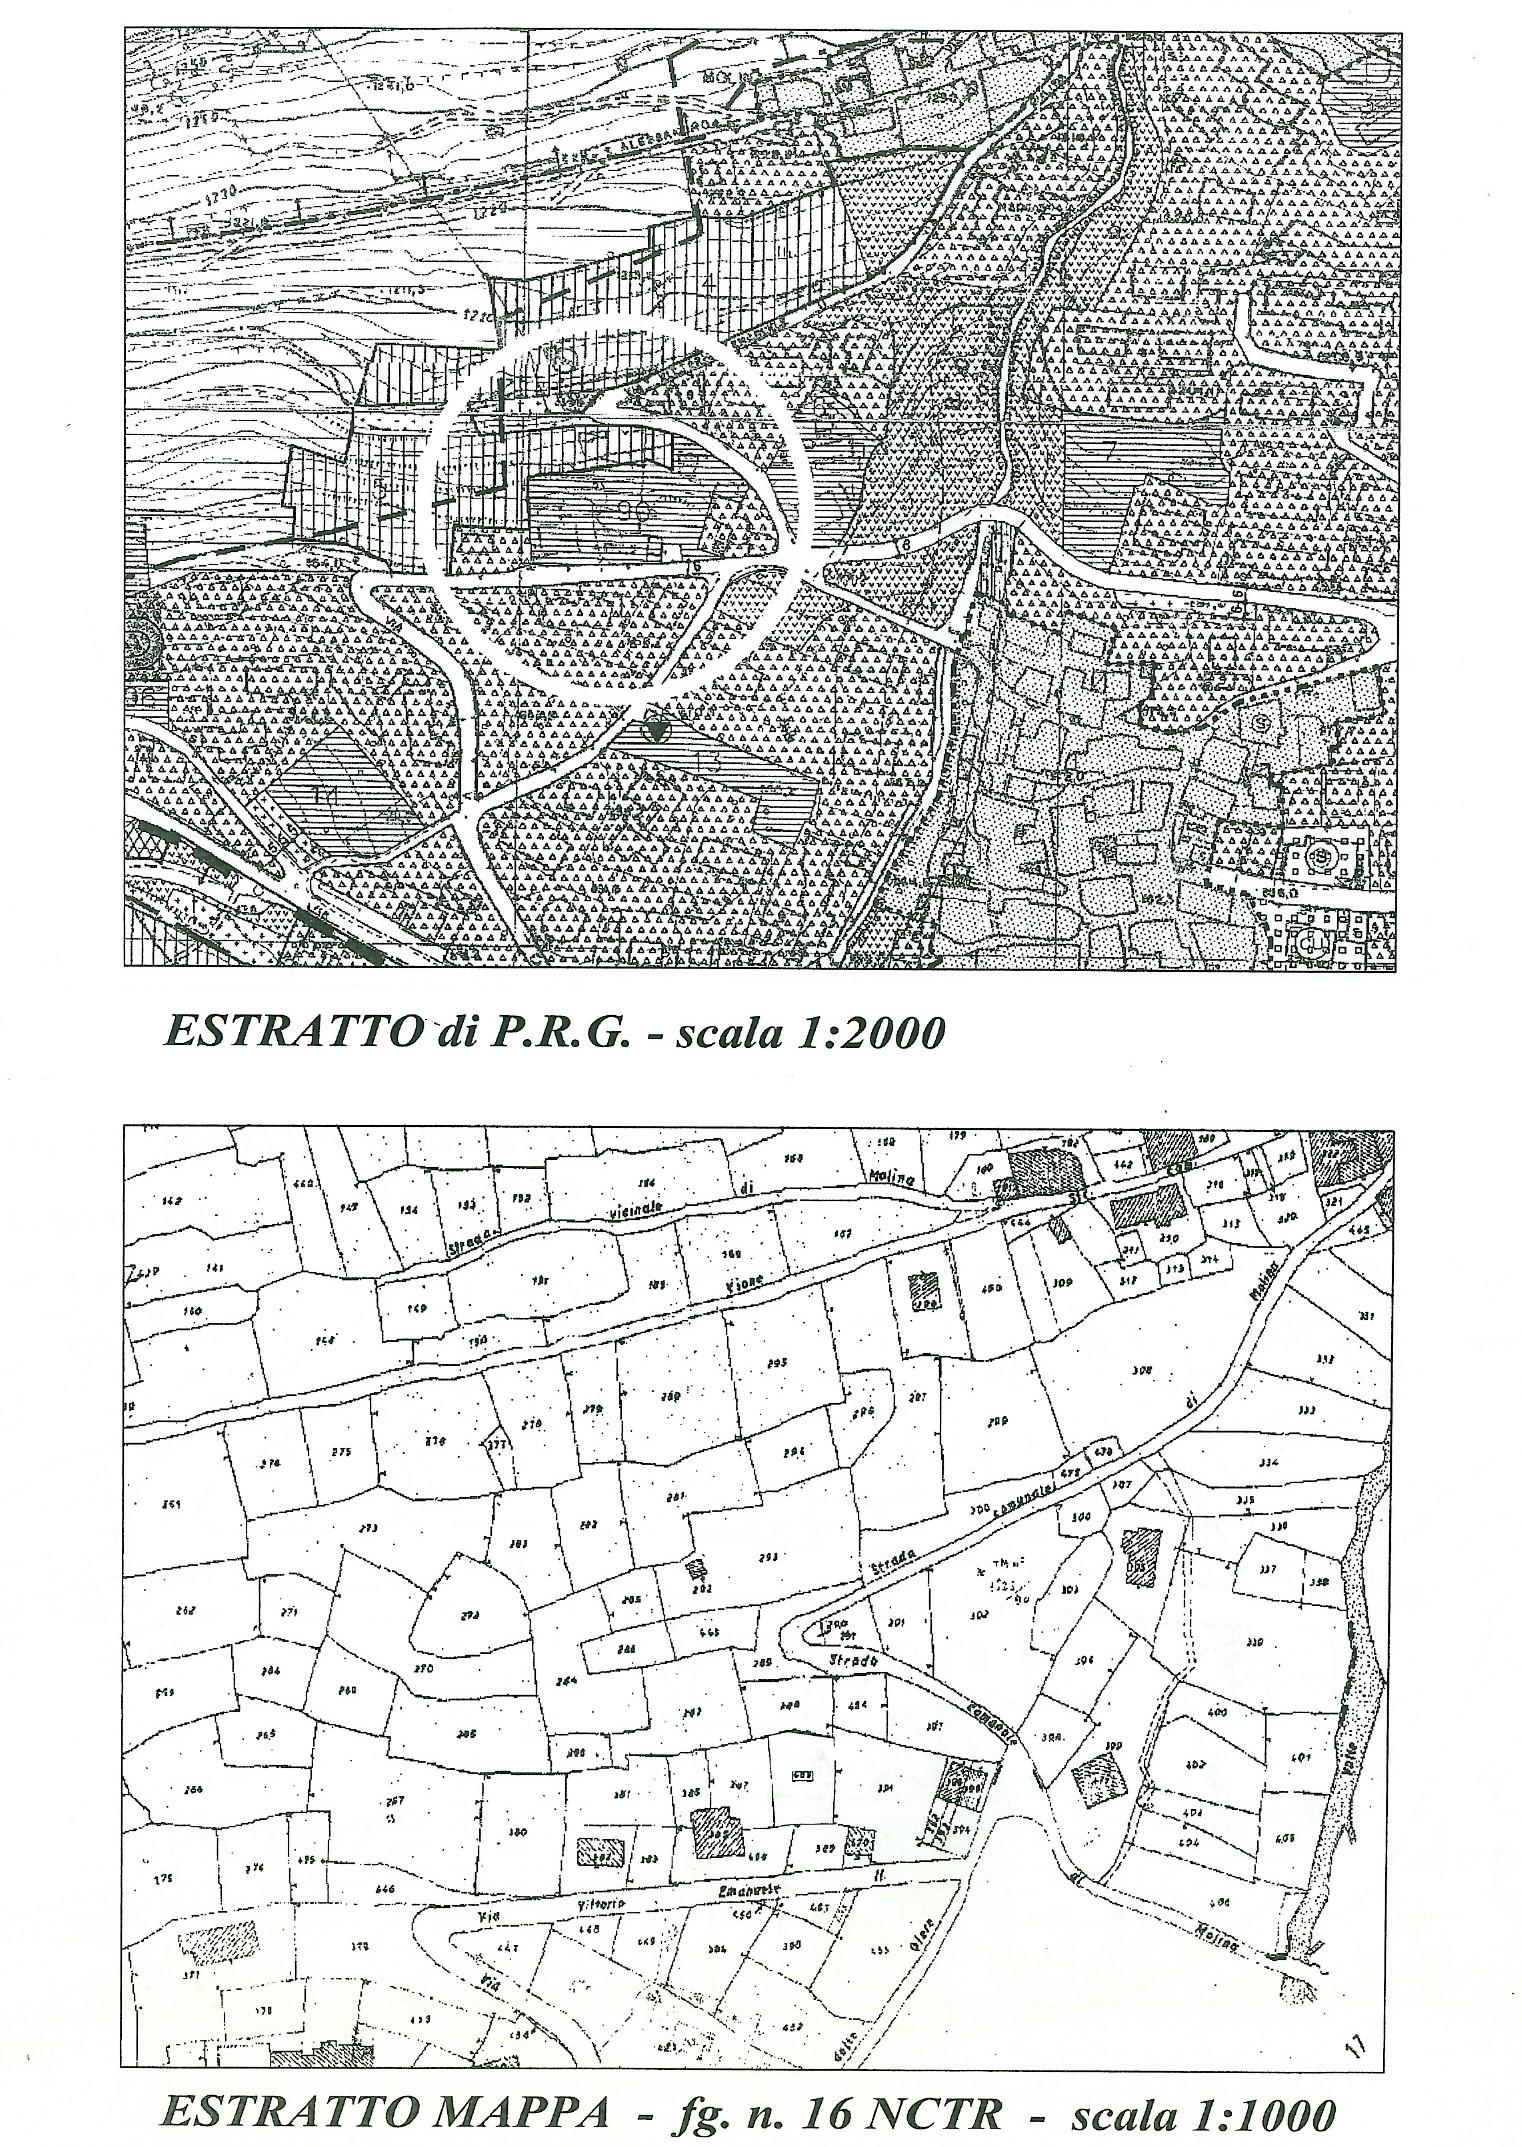 estratto mappa